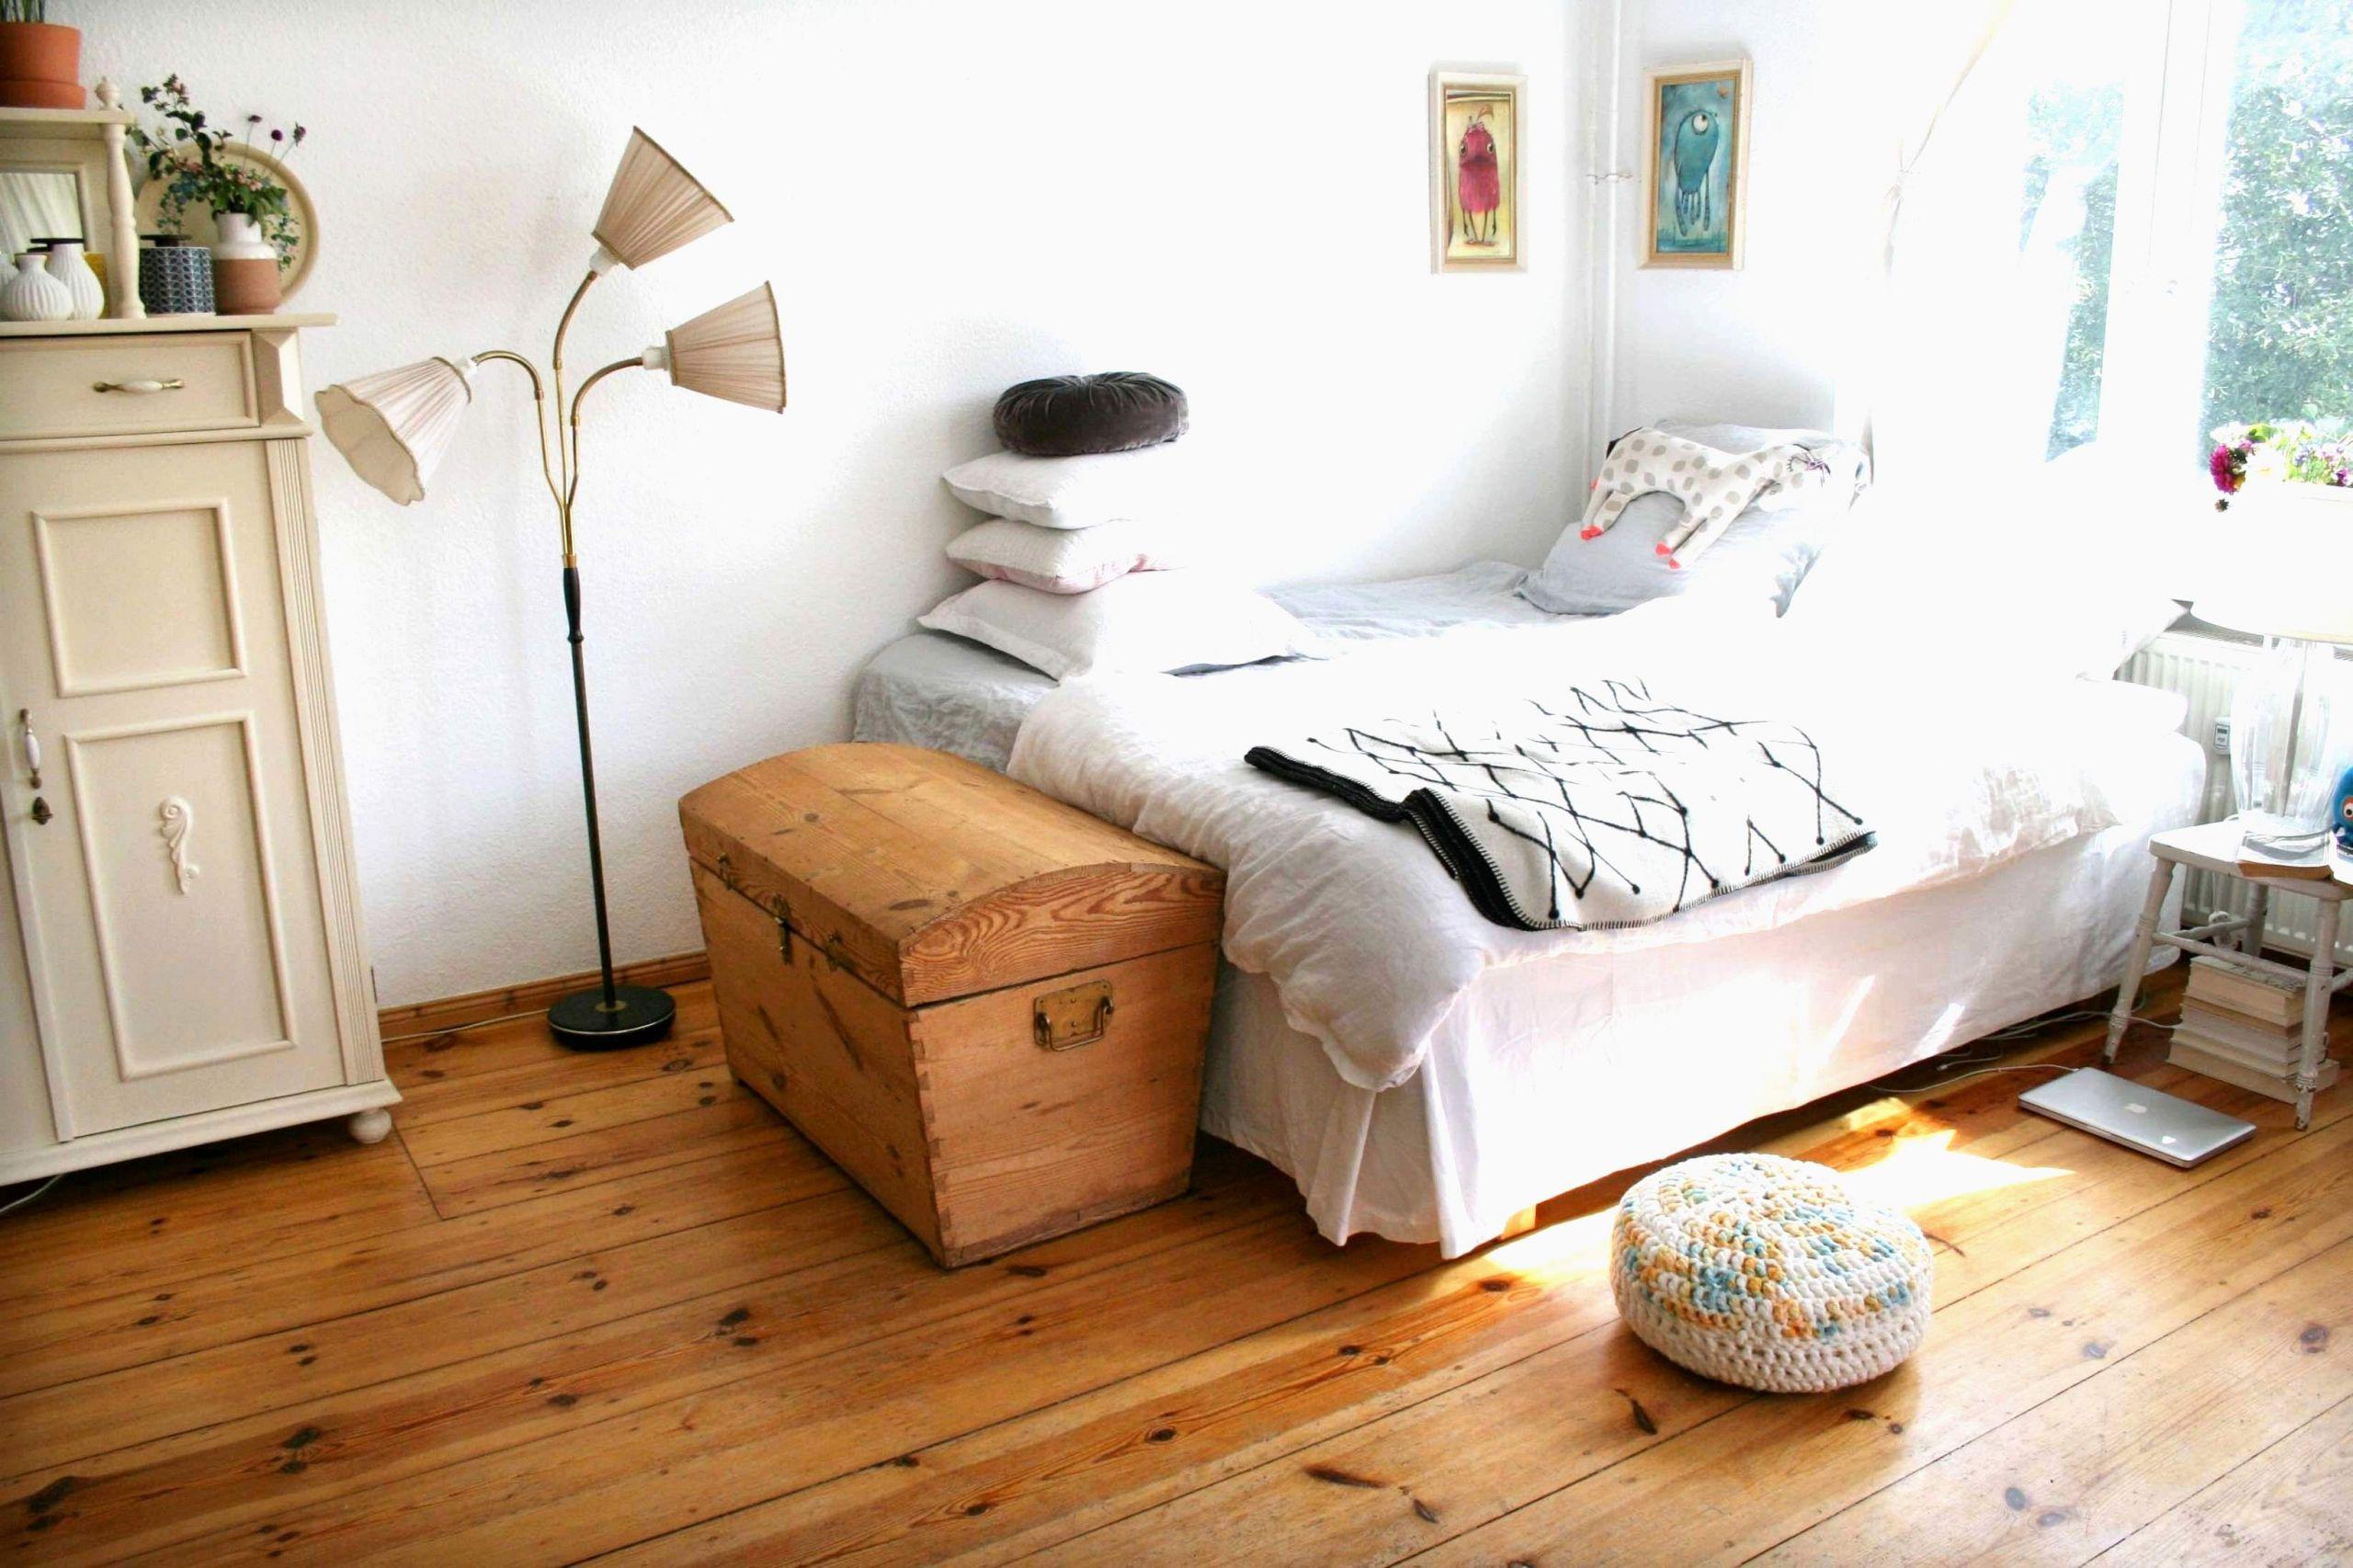 wohnzimmer farblich gestalten luxus wohnzimmer decken gestalten reizend wohnzimmer decken ideen of wohnzimmer farblich gestalten scaled